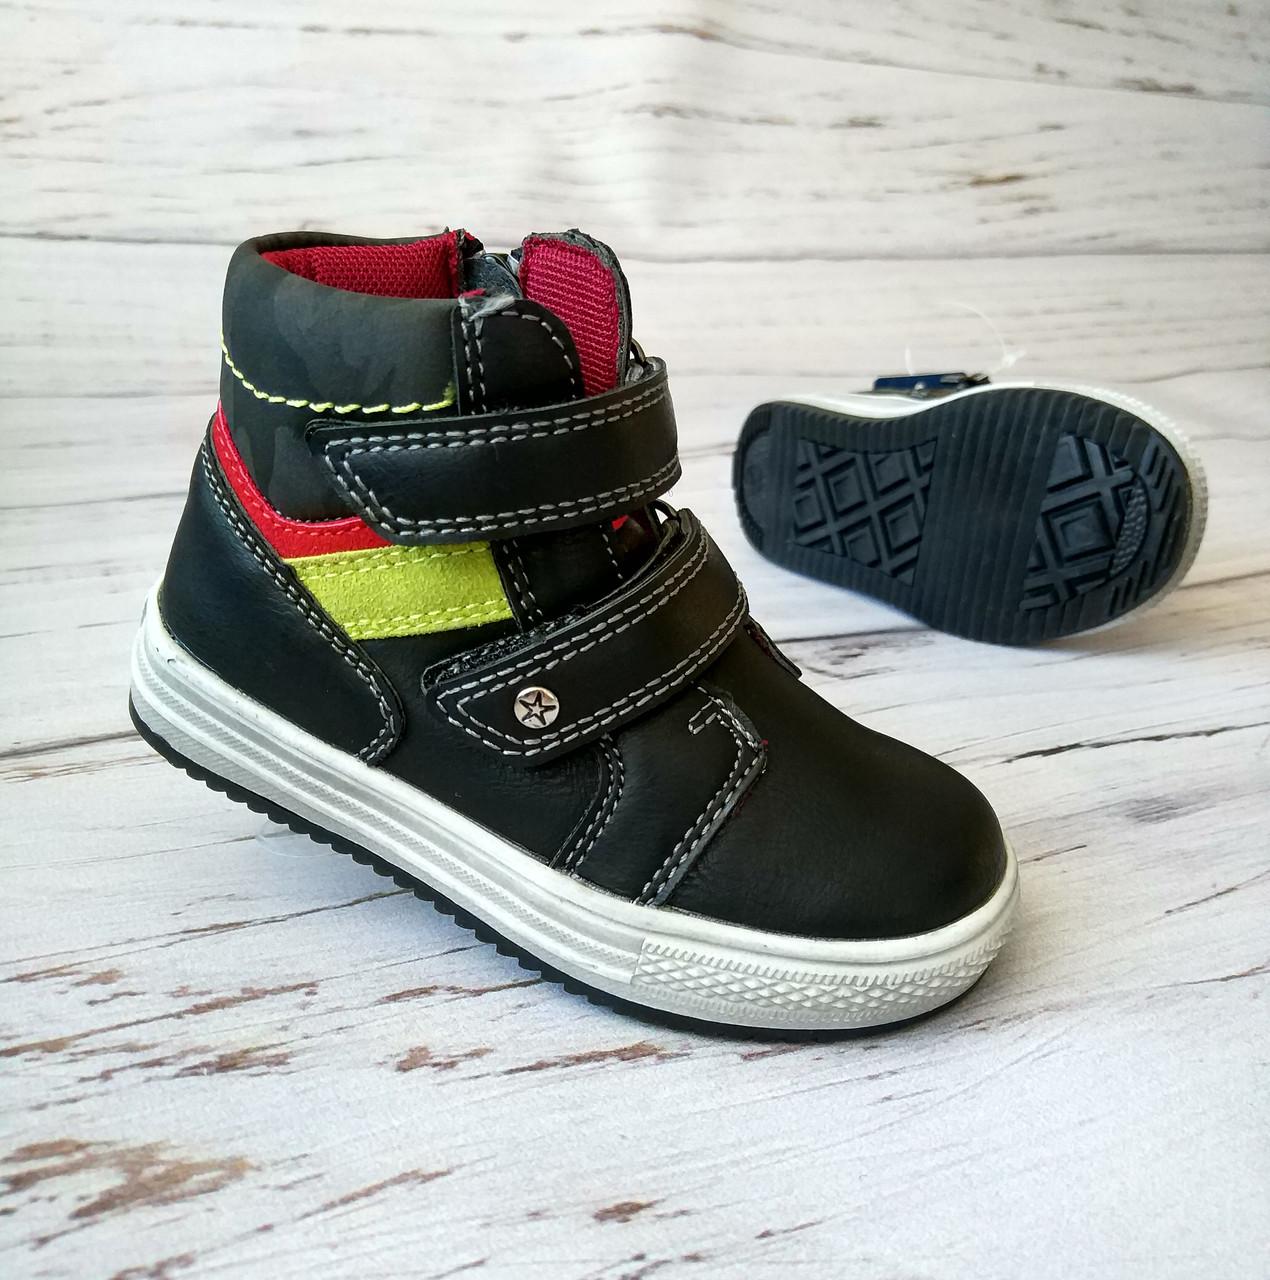 dba9d7dd Обувь для мальчиков, детские ботики черные, С.Луч - mioBambino Интернет  магазин детской